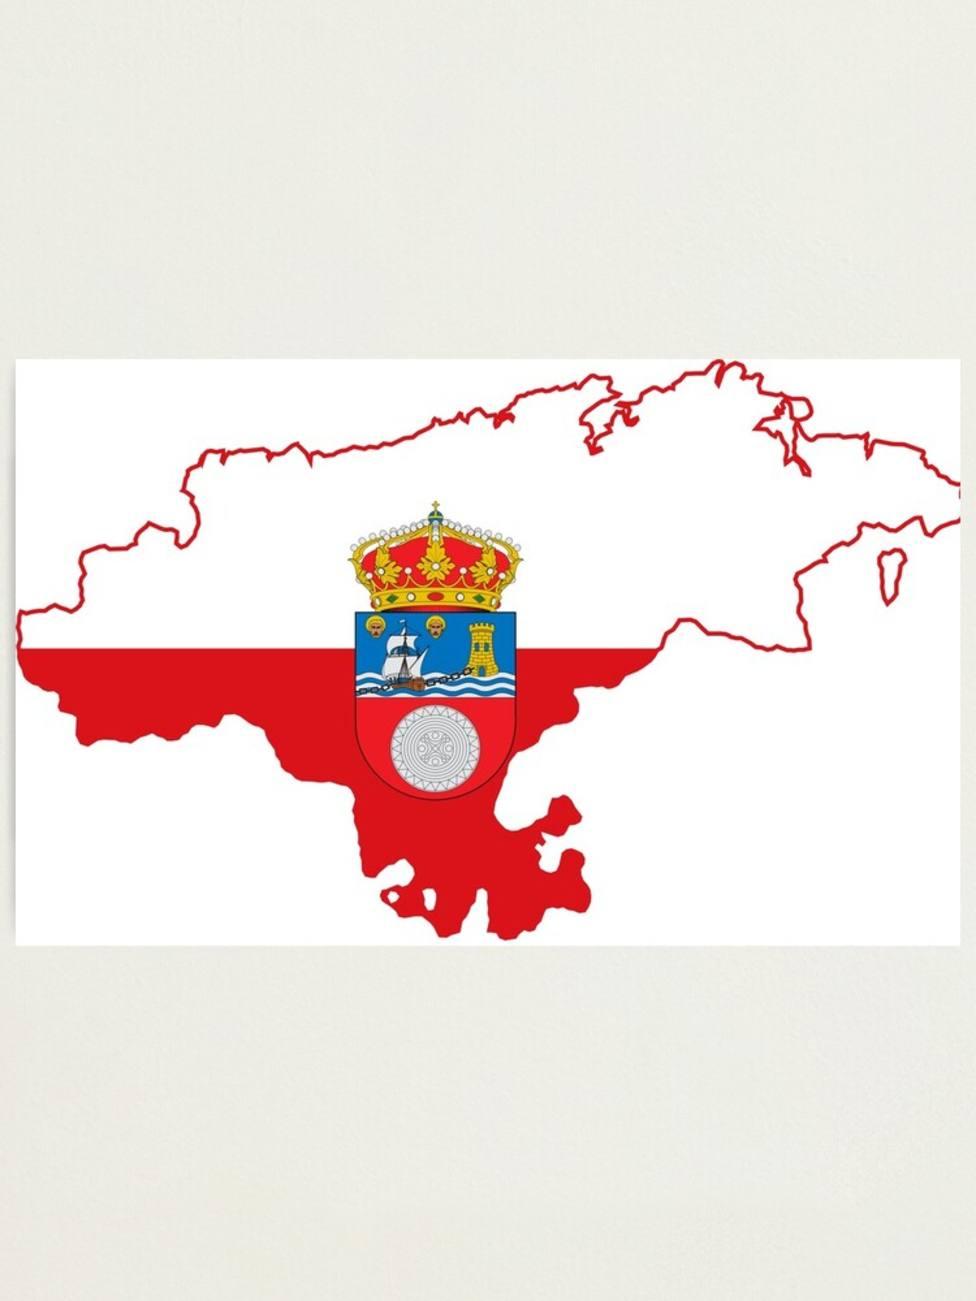 Ningún municipio de Cantabria en riesgo por Coronavirus